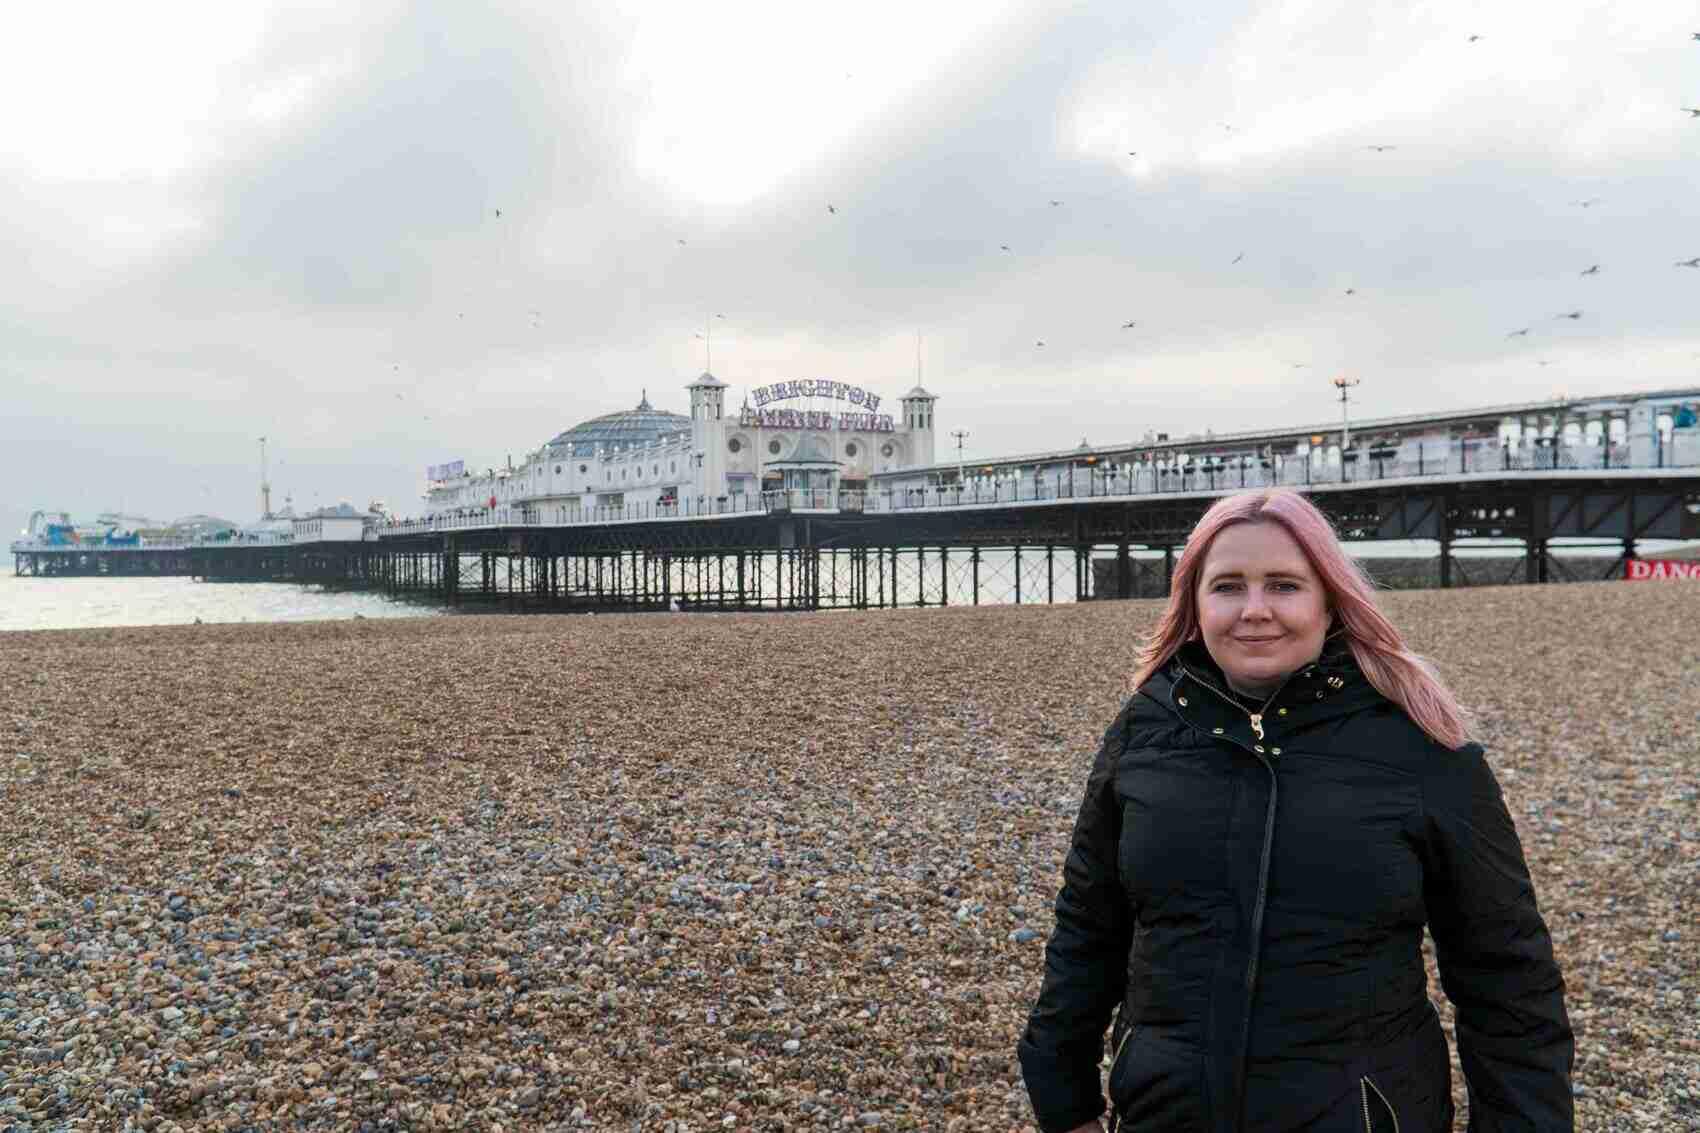 Kat-at-Brighton-Pier